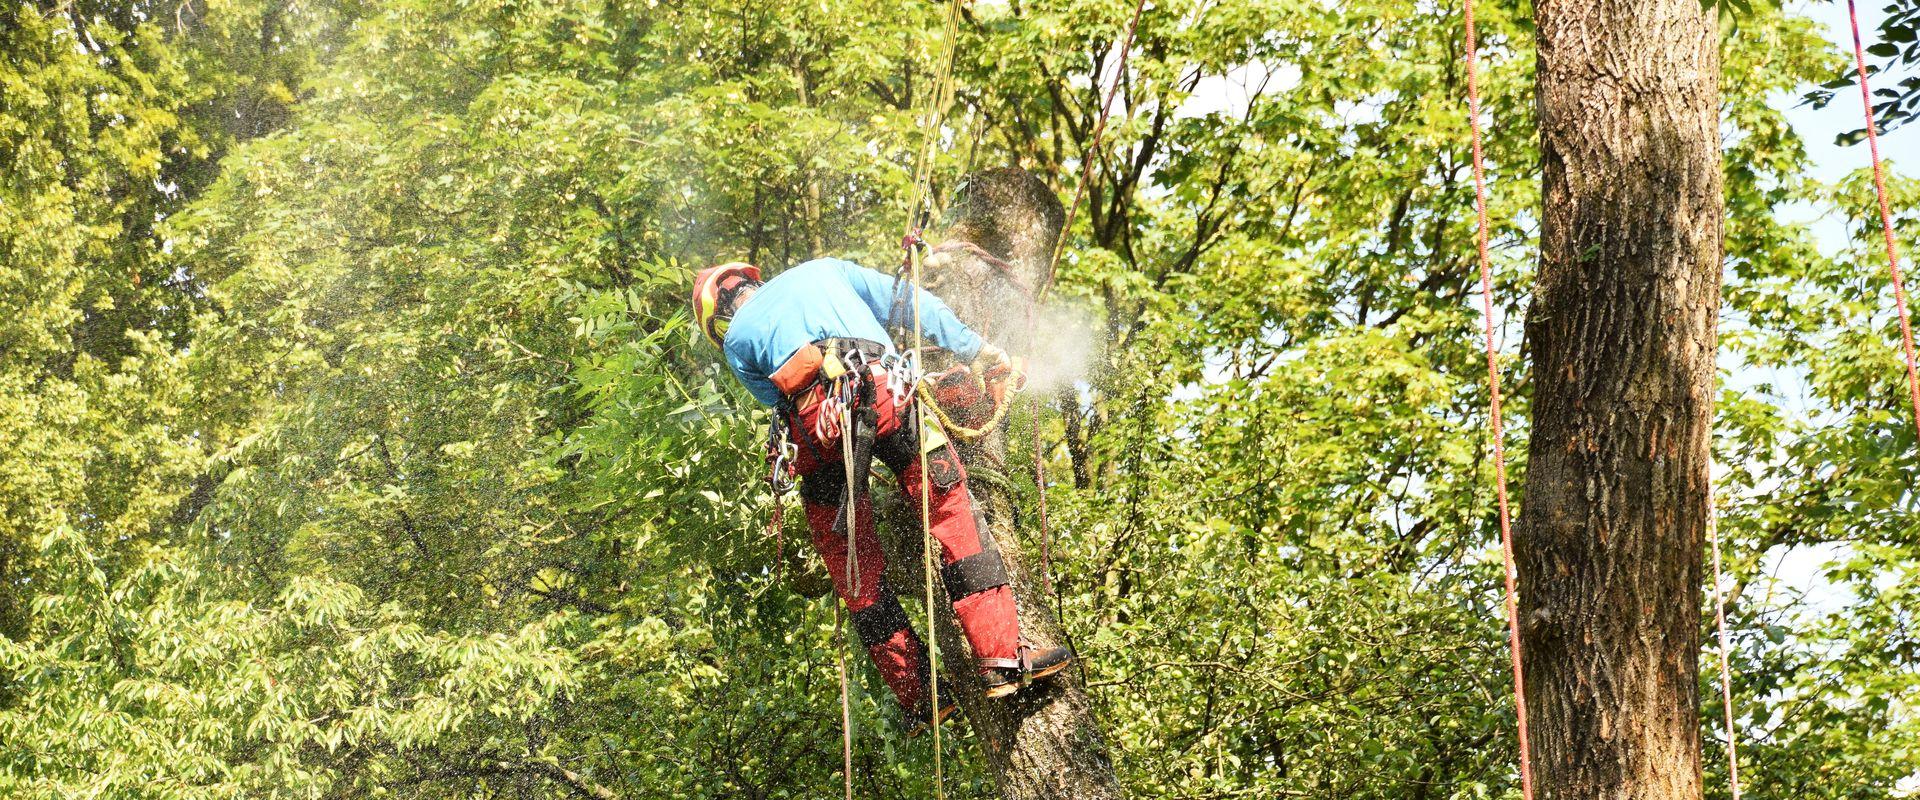 Baumkletterer sägt einen Ast ab